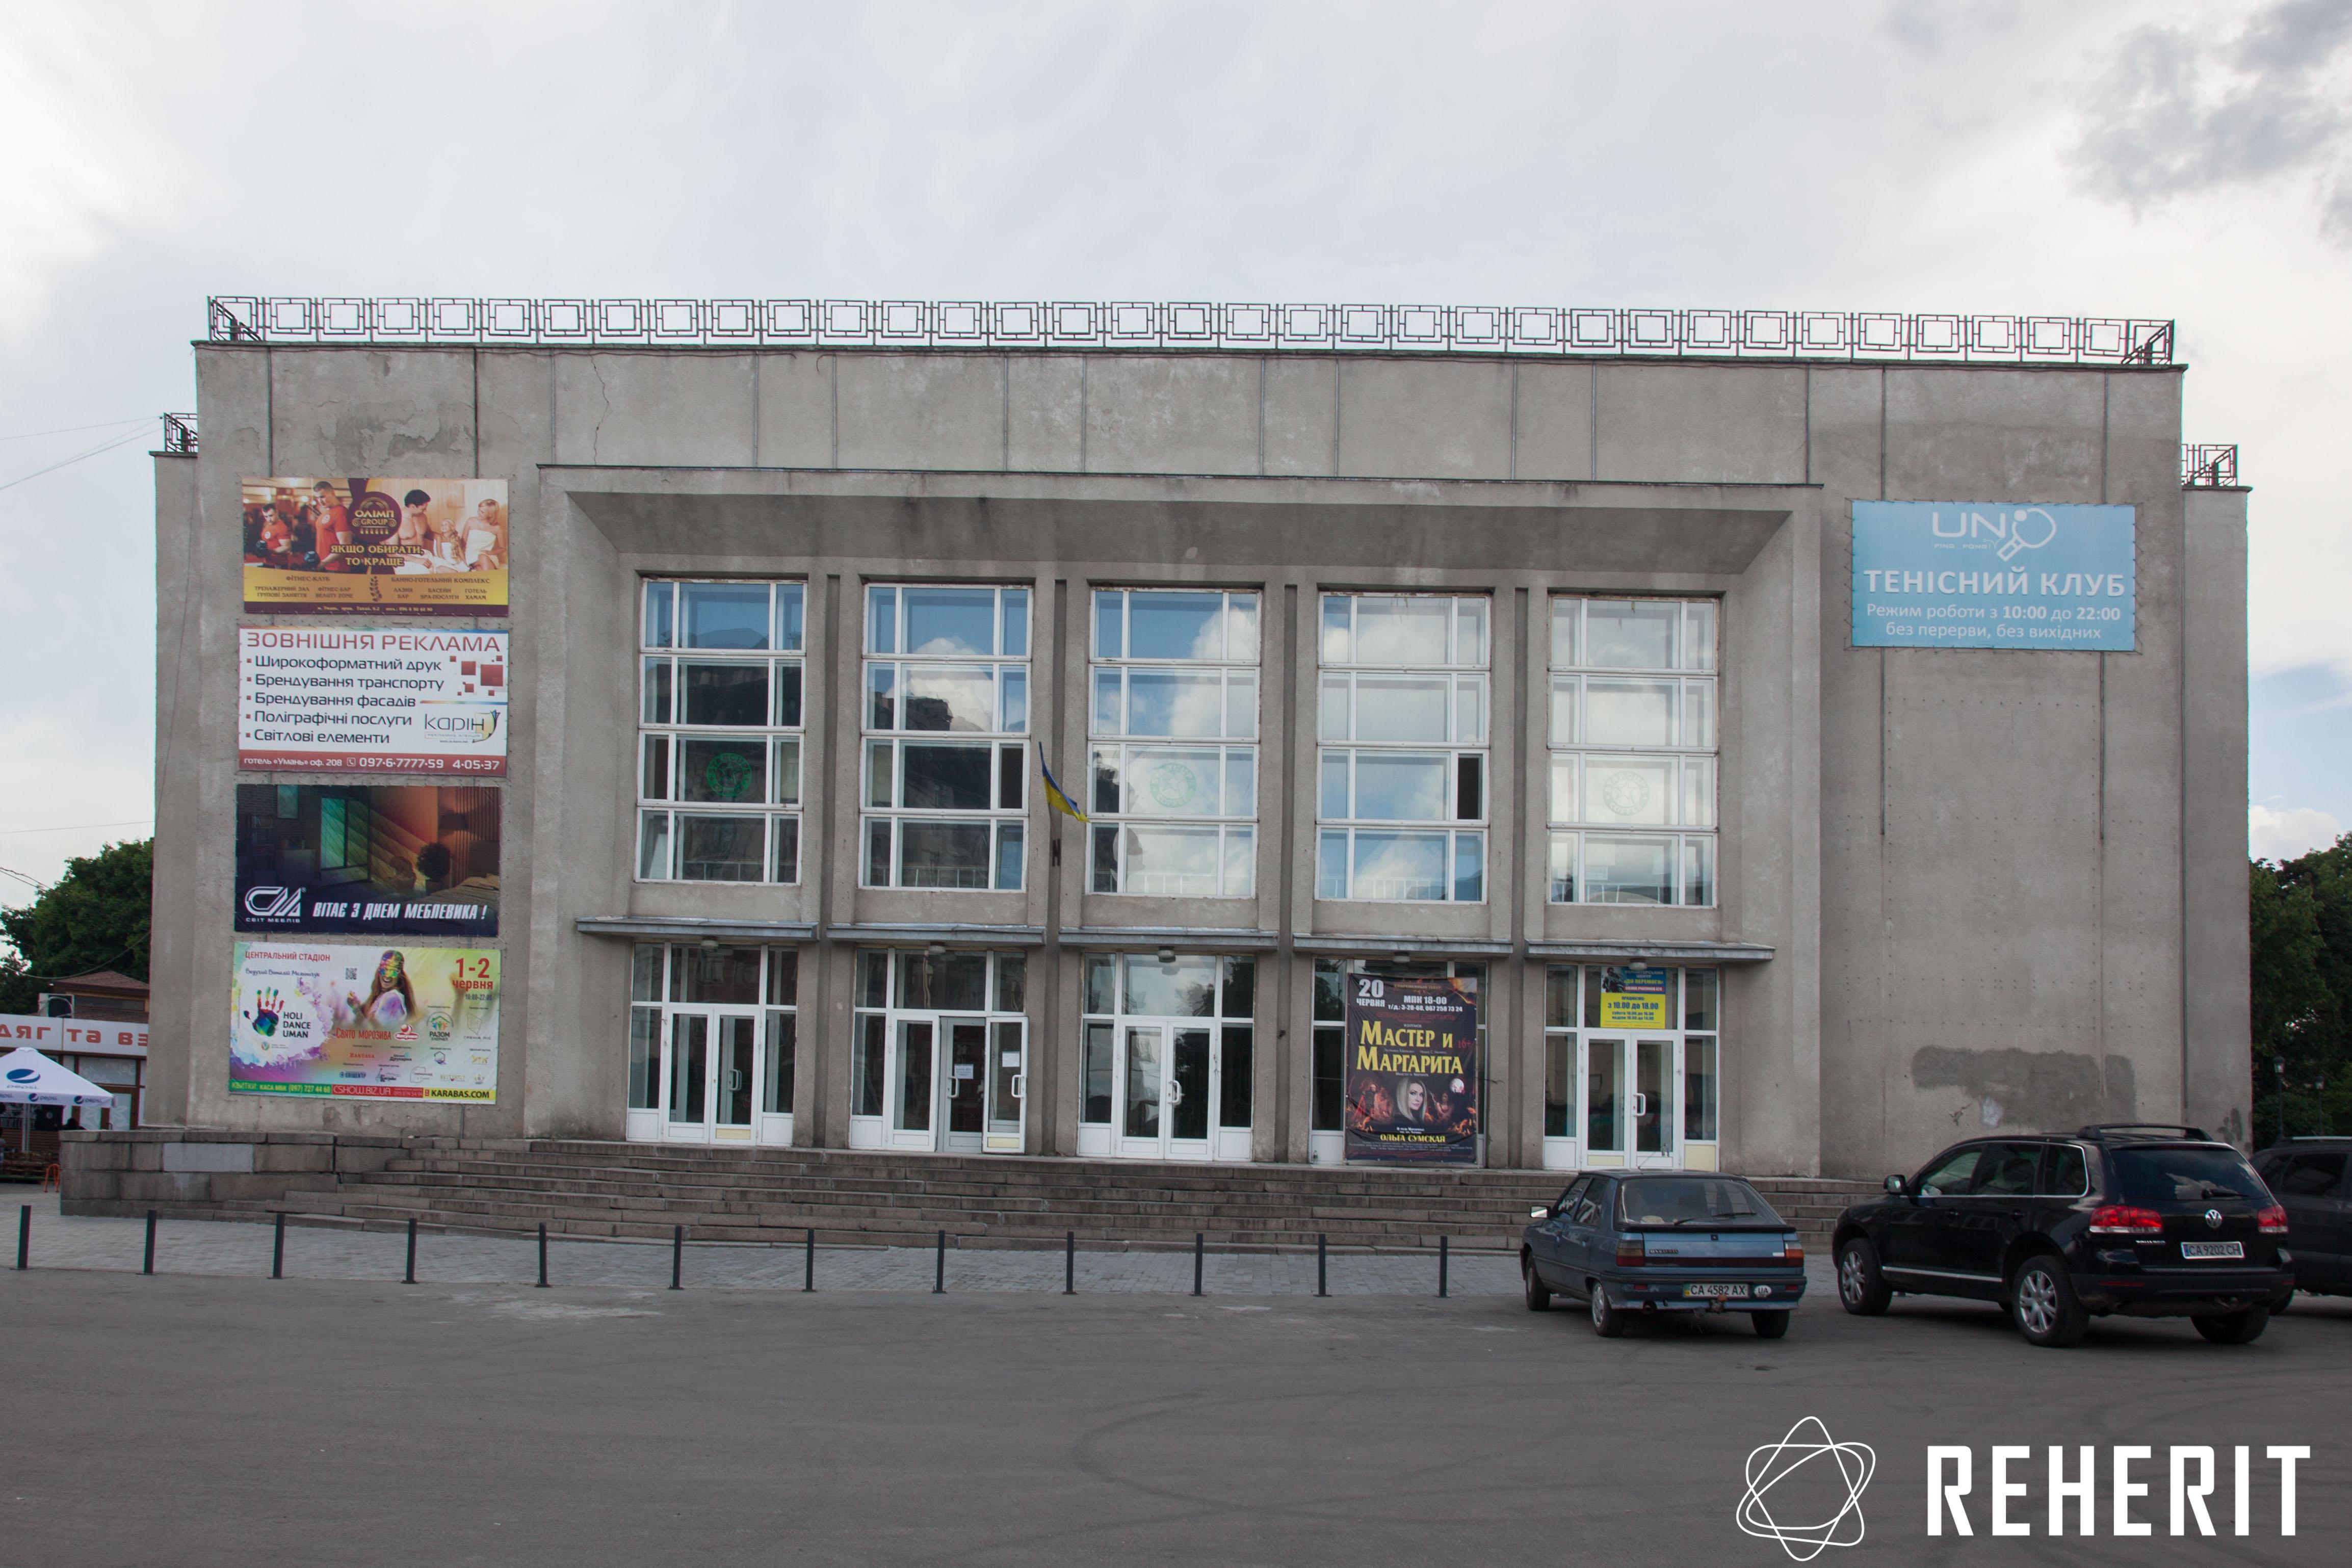 Міський театр